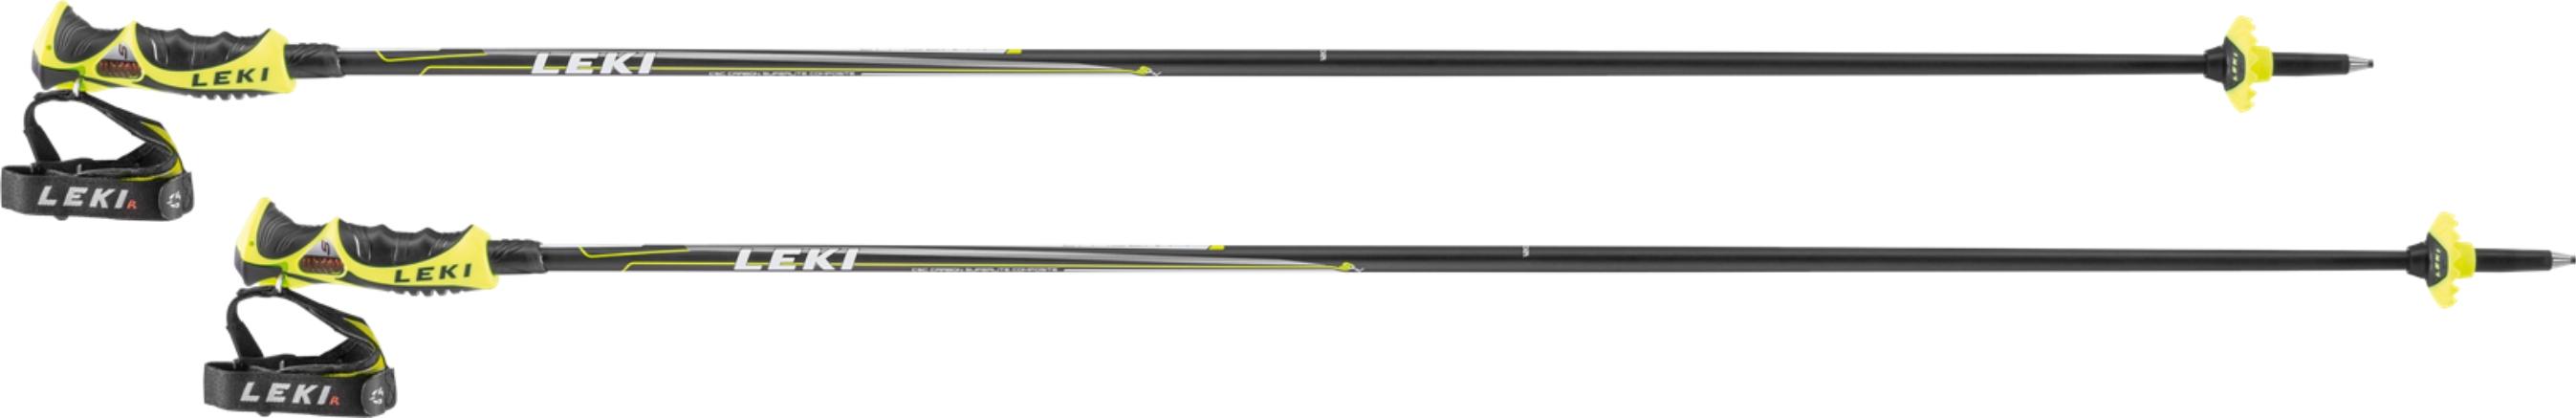 Kije narciarskie leki 14 S Yellow Go pro